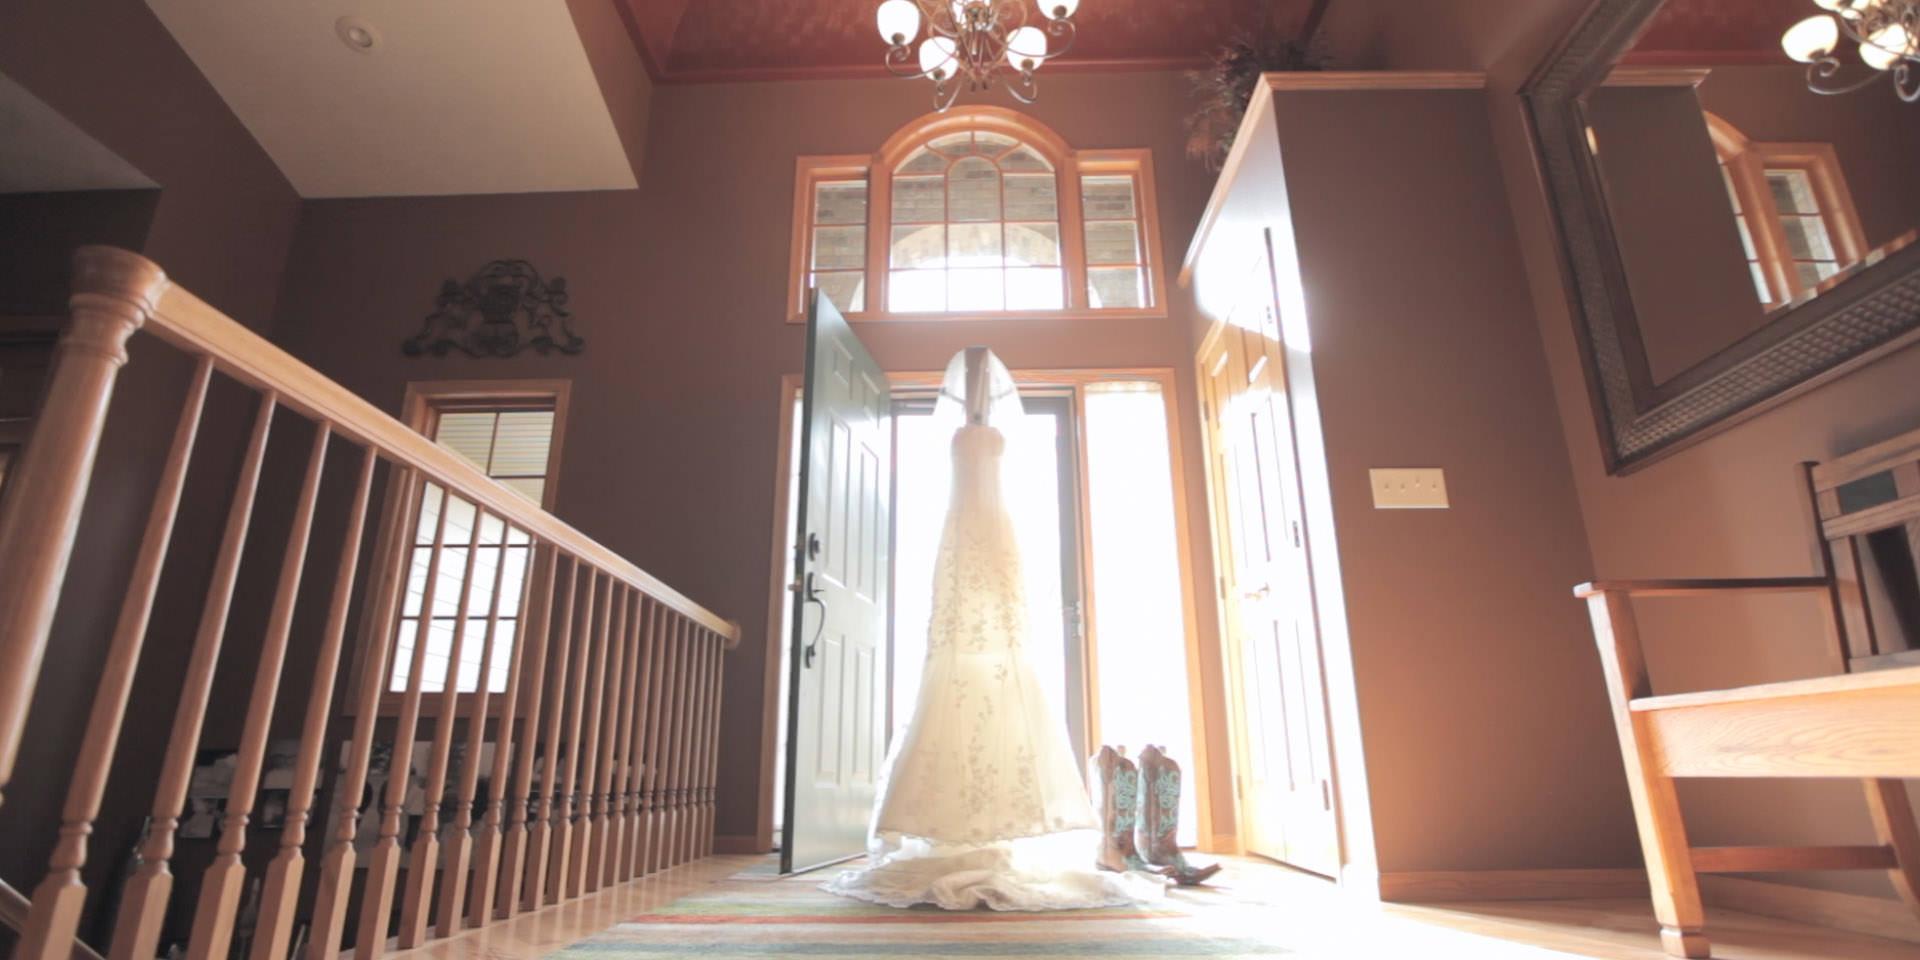 tyler&melissa wedding story.Still016.jpg